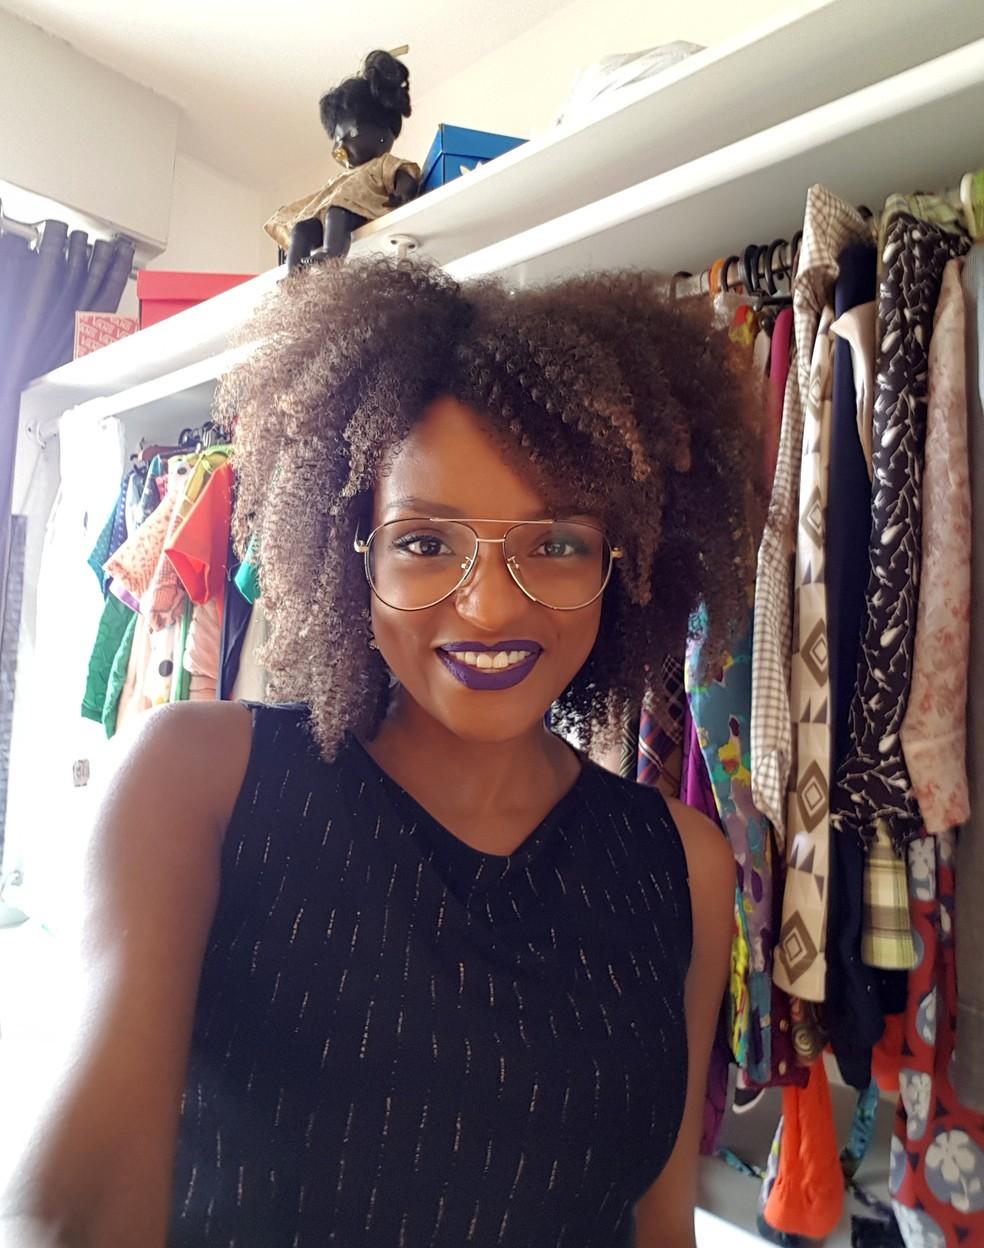 Nayara e seu armário lotado de roupaaasss!!! (Foto: Gshow)